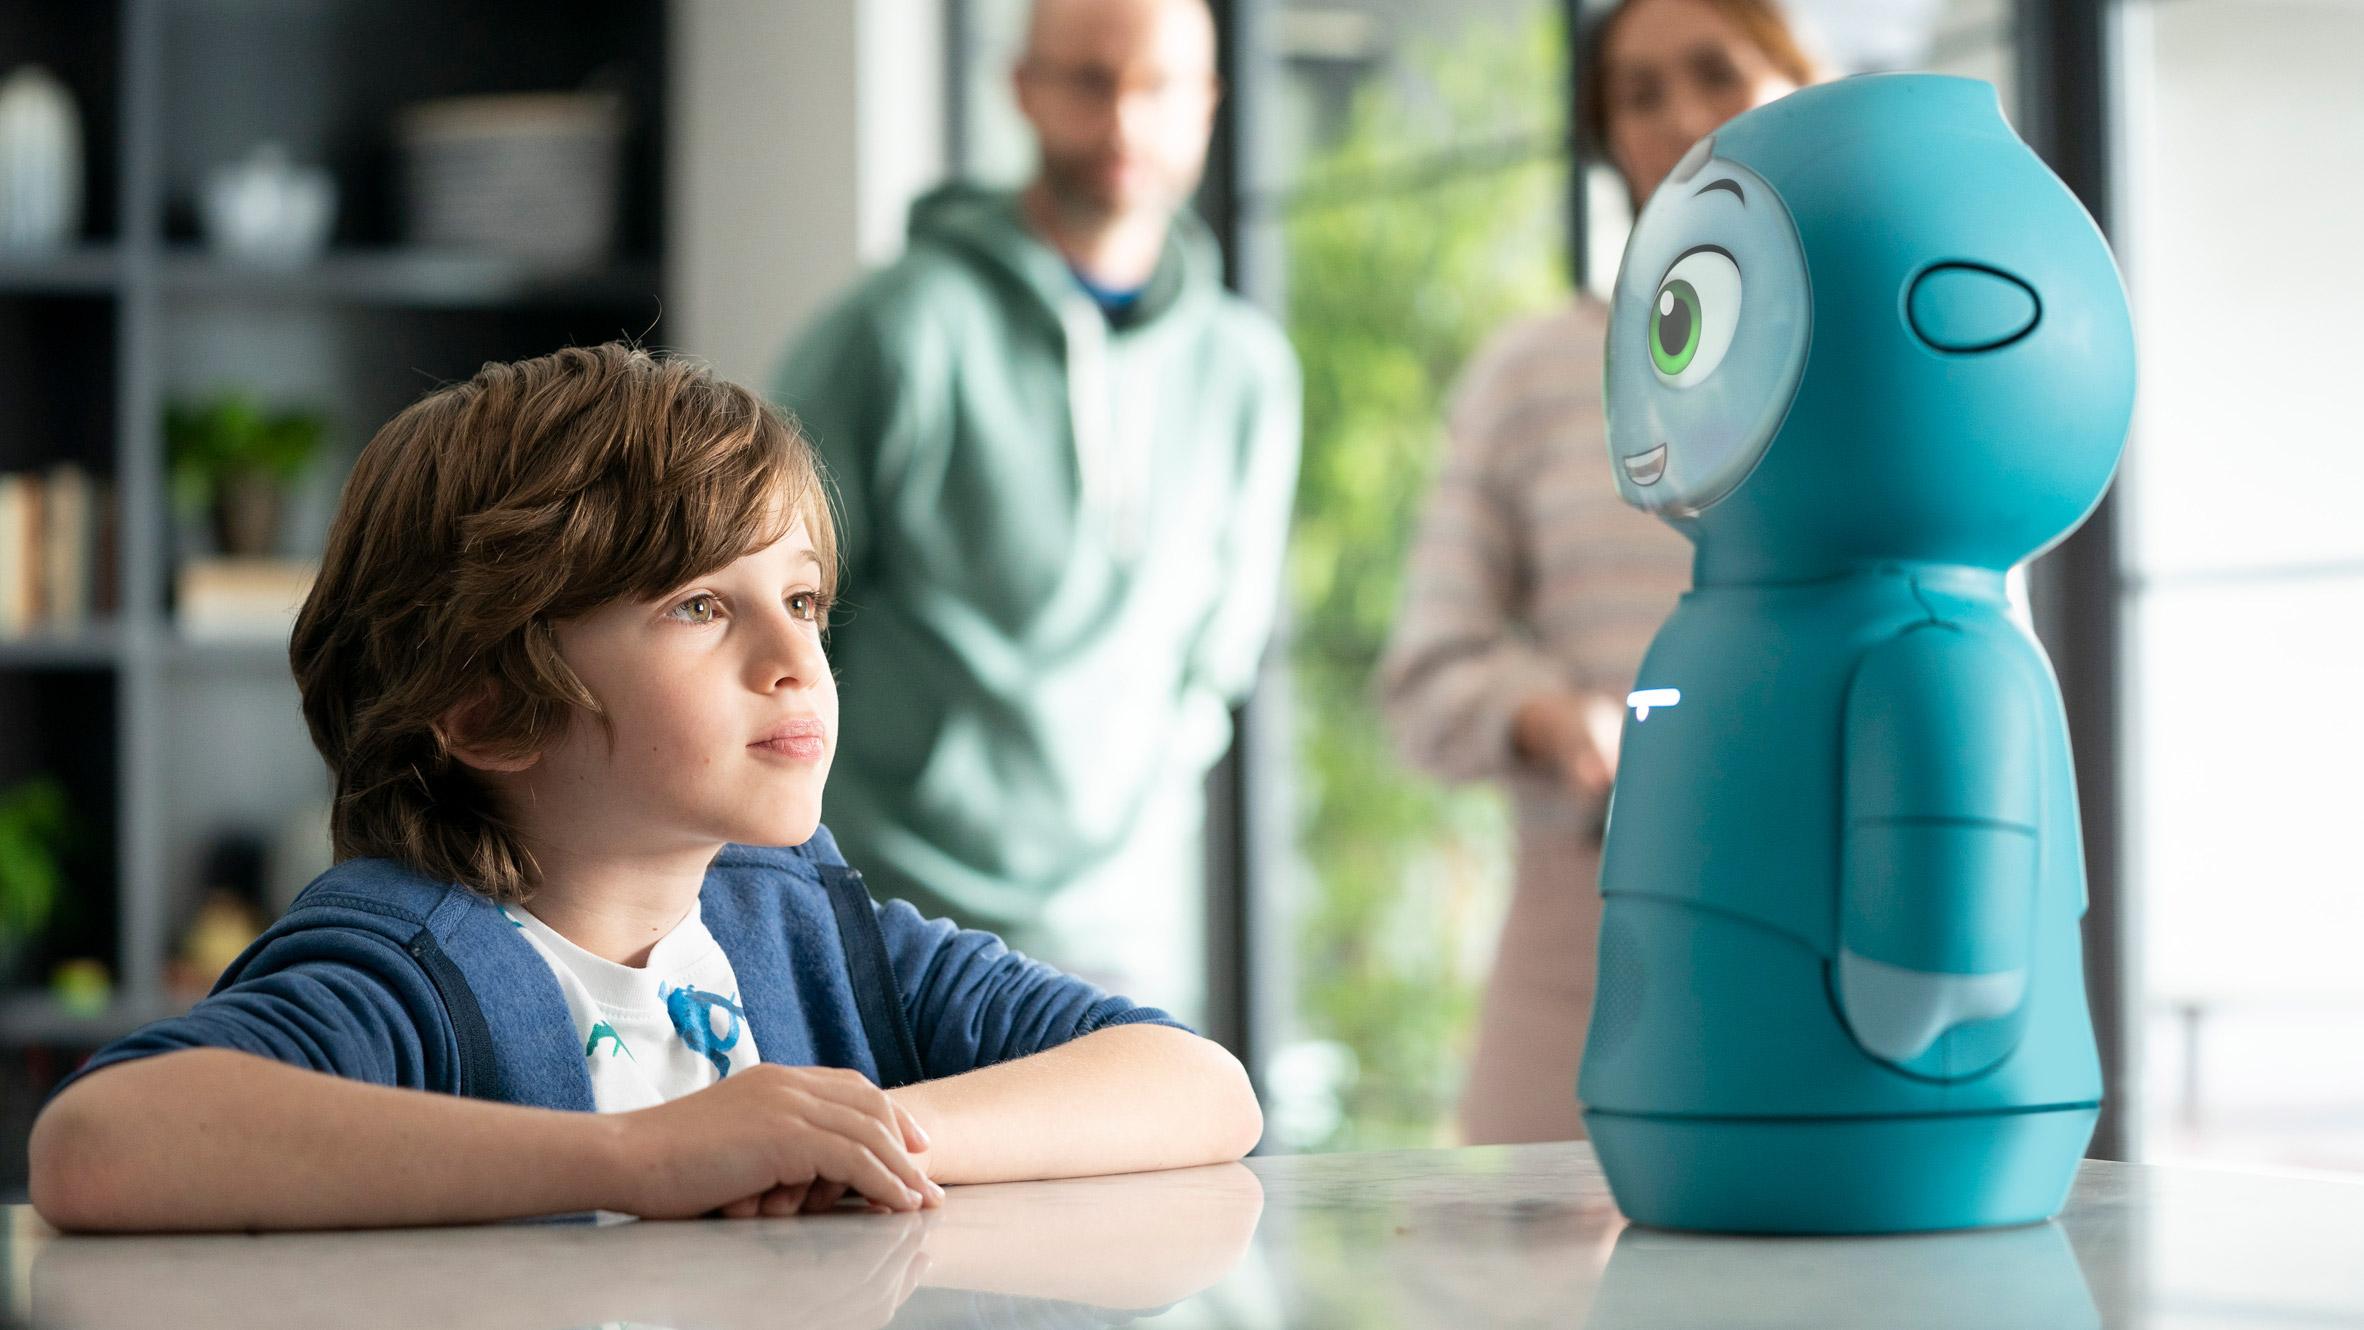 삶의 기술 가르치는 로봇친구, 목시